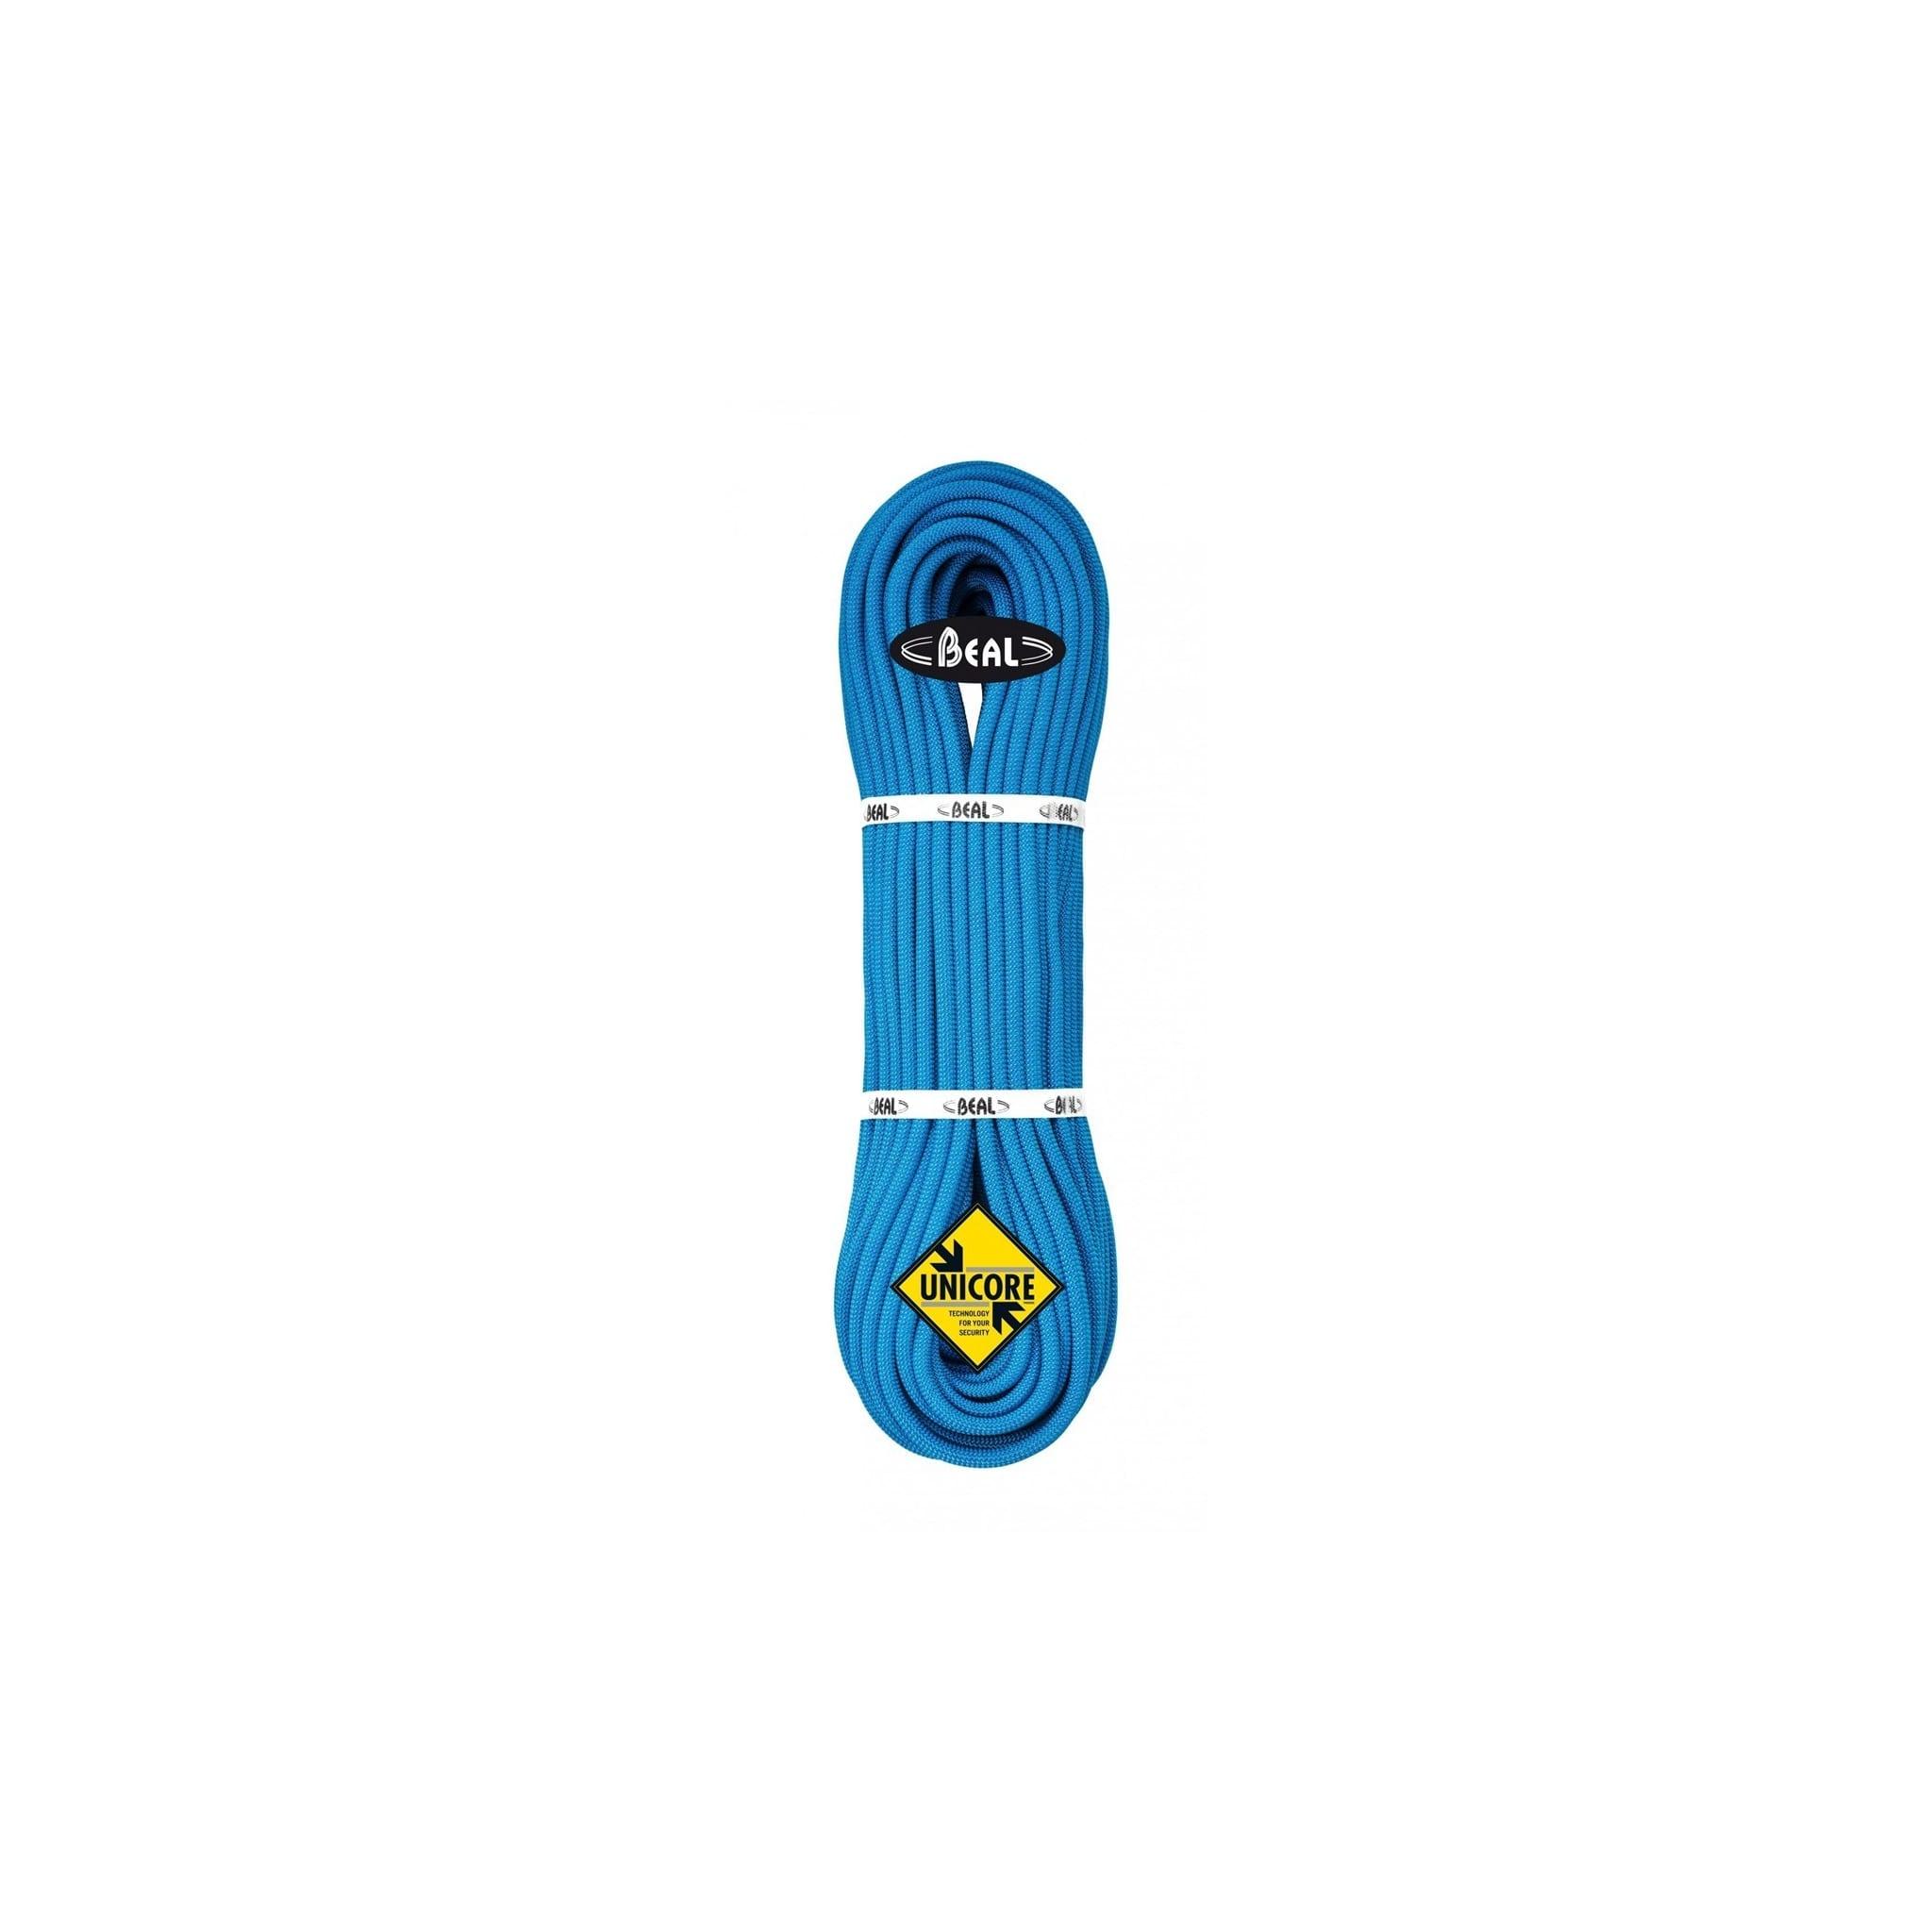 Lett trippelsertifisert tau for sportsklatring, fjellklatring og tinderangling